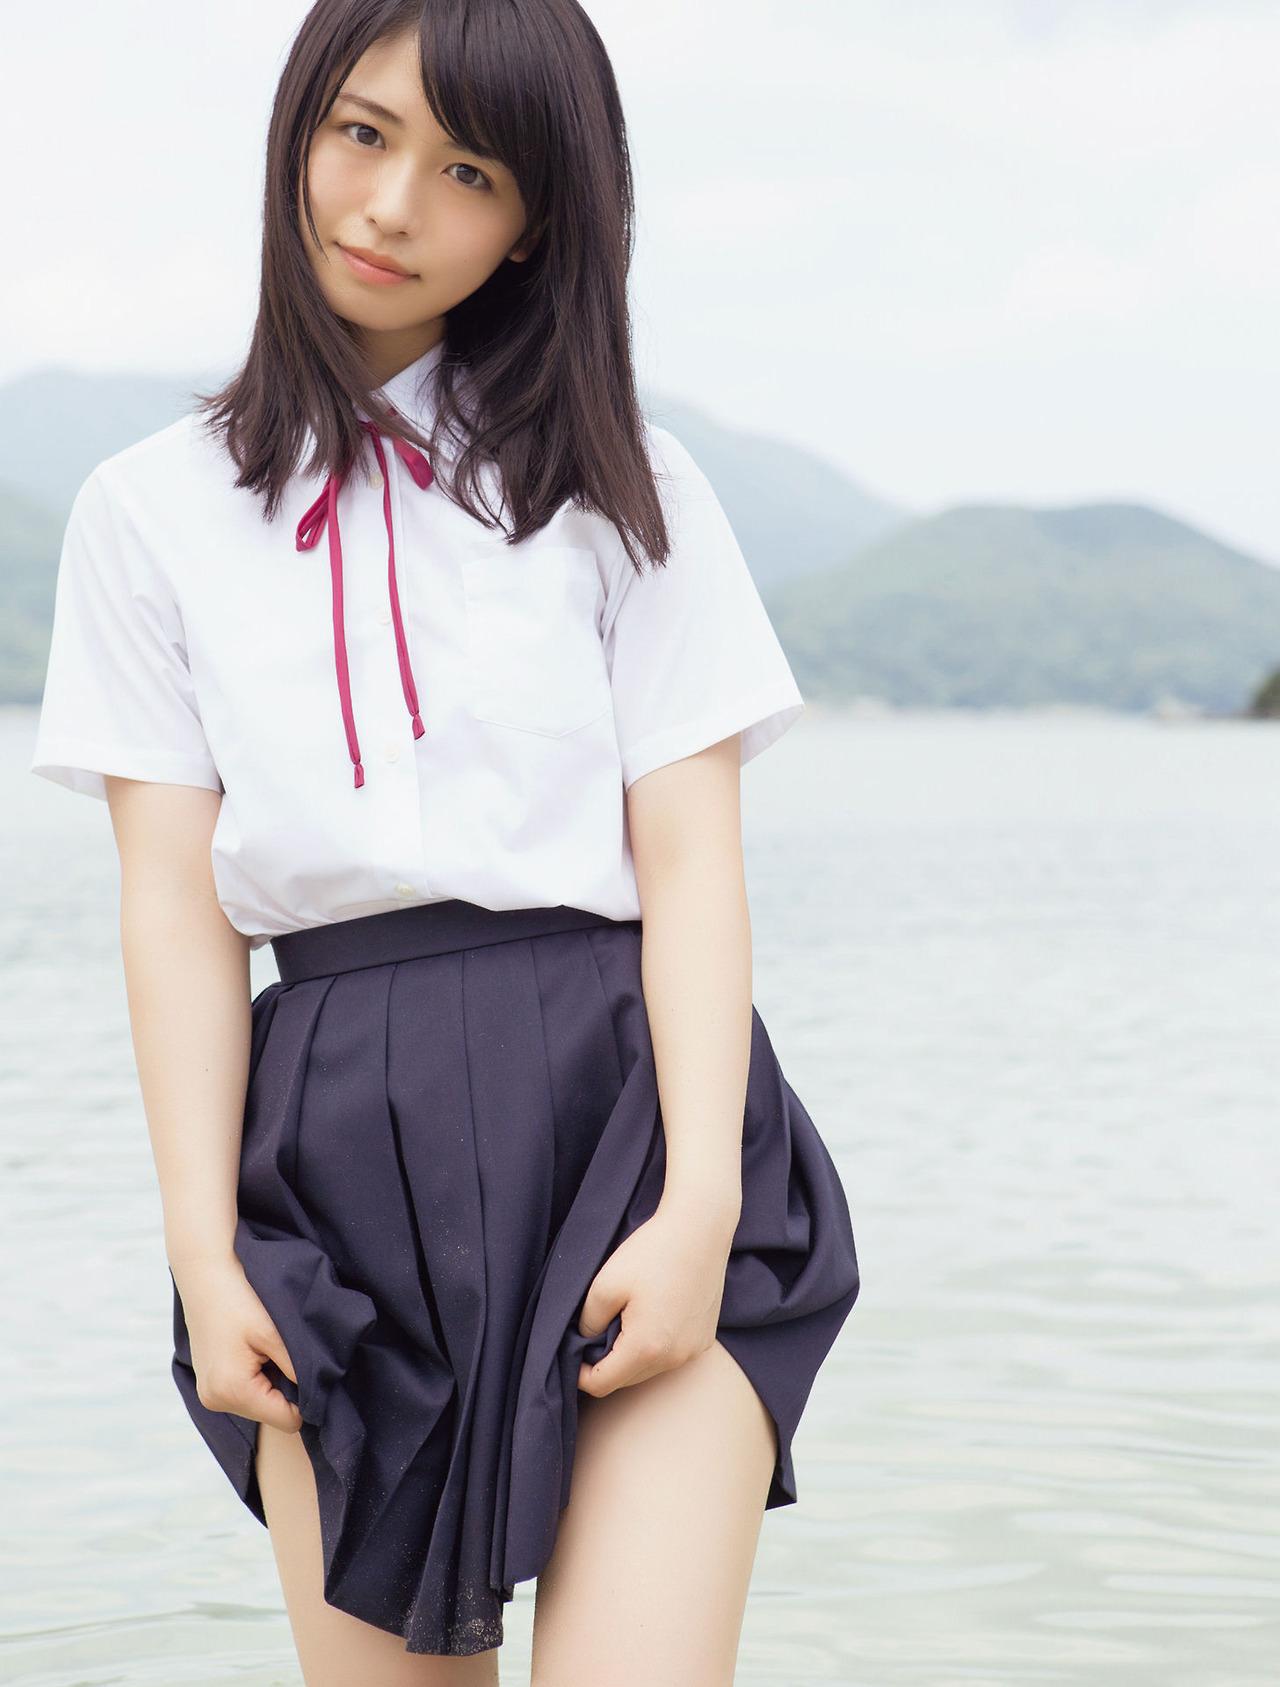 長濱ねる 画像 032